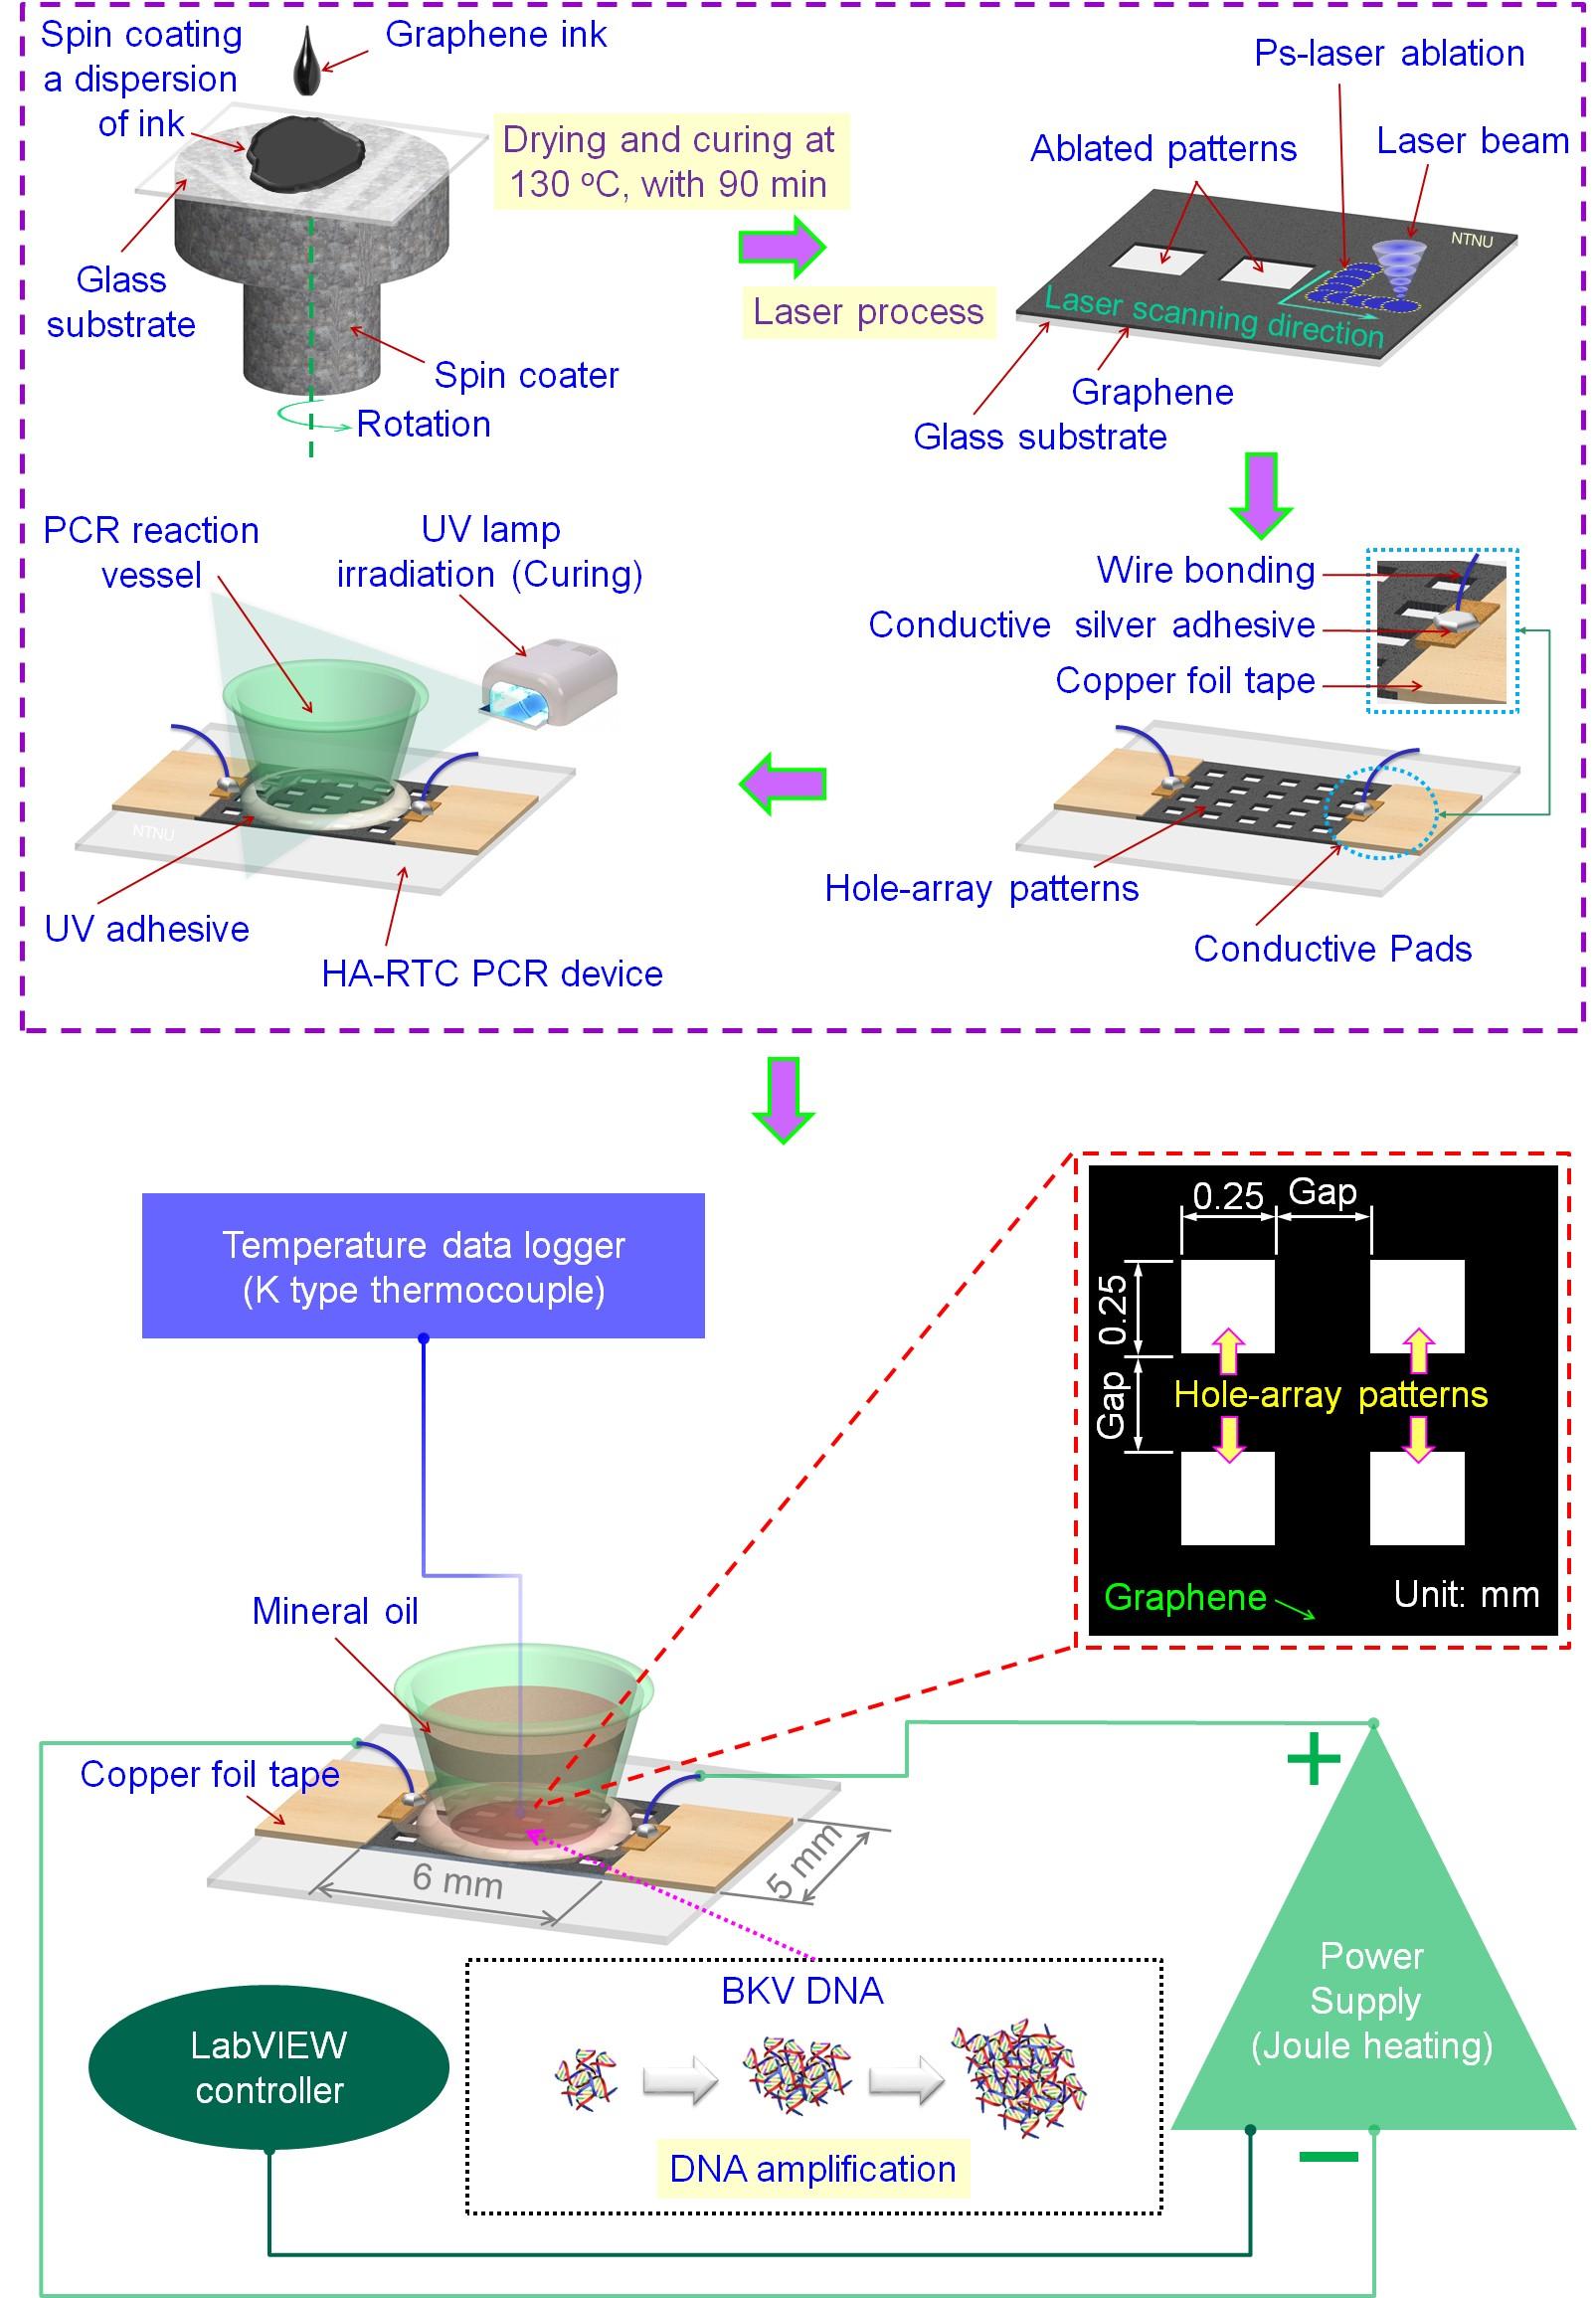 圖1:超快雷射製作石墨烯元件於核酸檢測晶片之開發說明